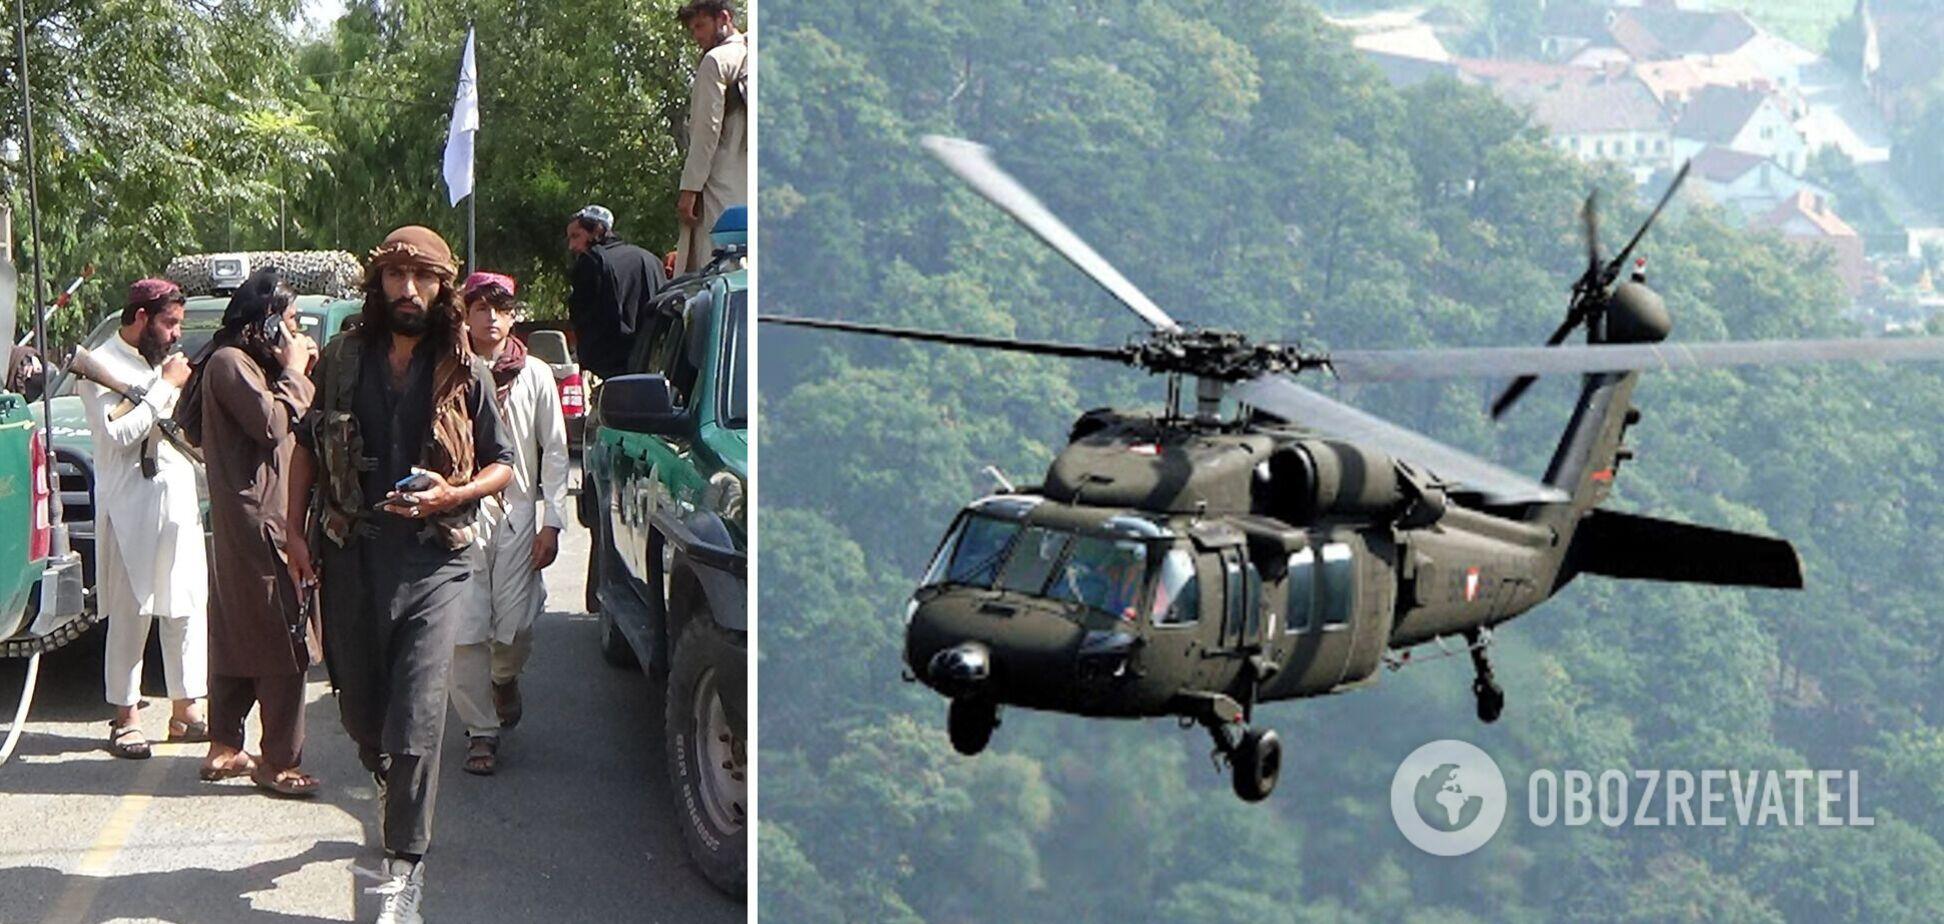 Талибы захватили военную технику США